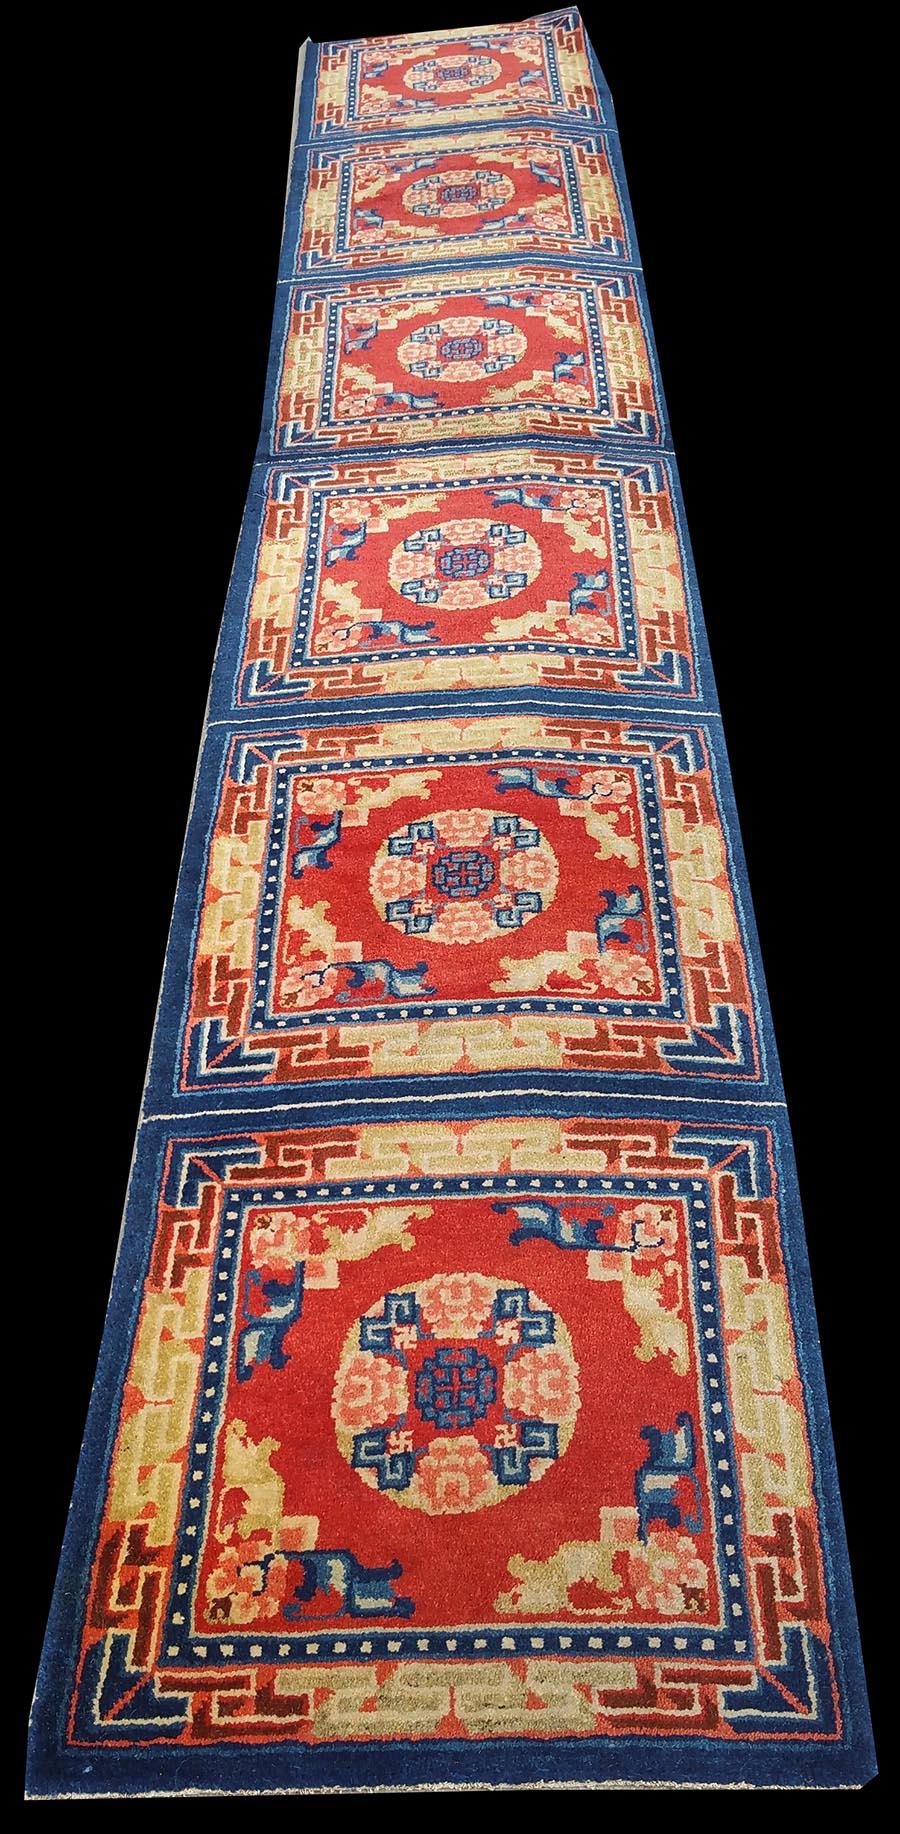 Antique Chinese - Chinese - 22483 | Chinese 2'2 x 12'8 | Red, Origin China, Circa 1920